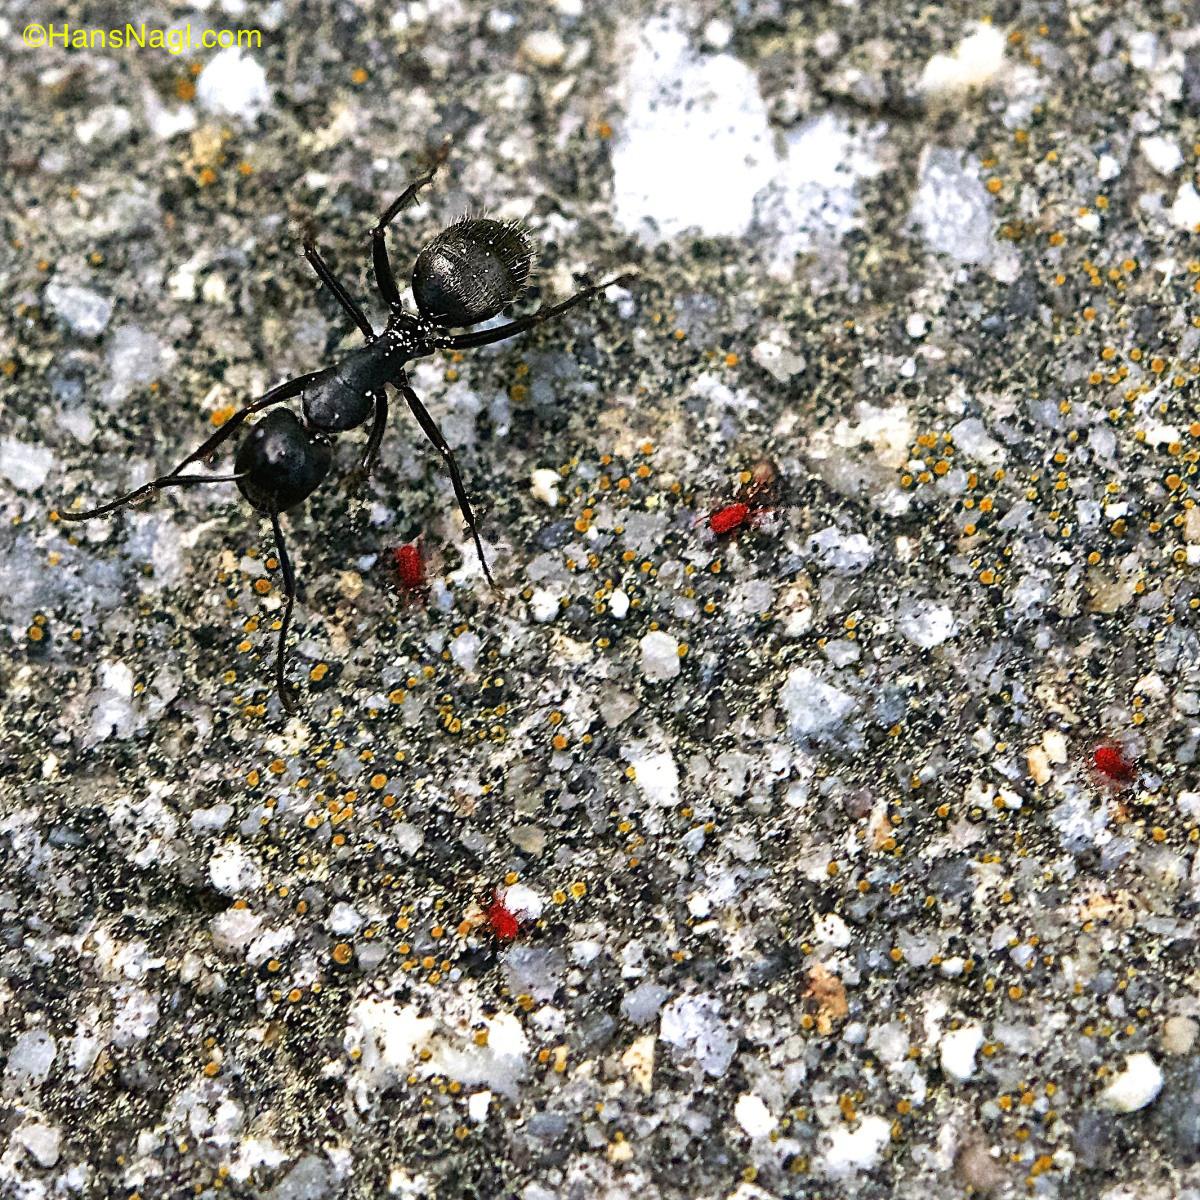 Red spider mites on concrete